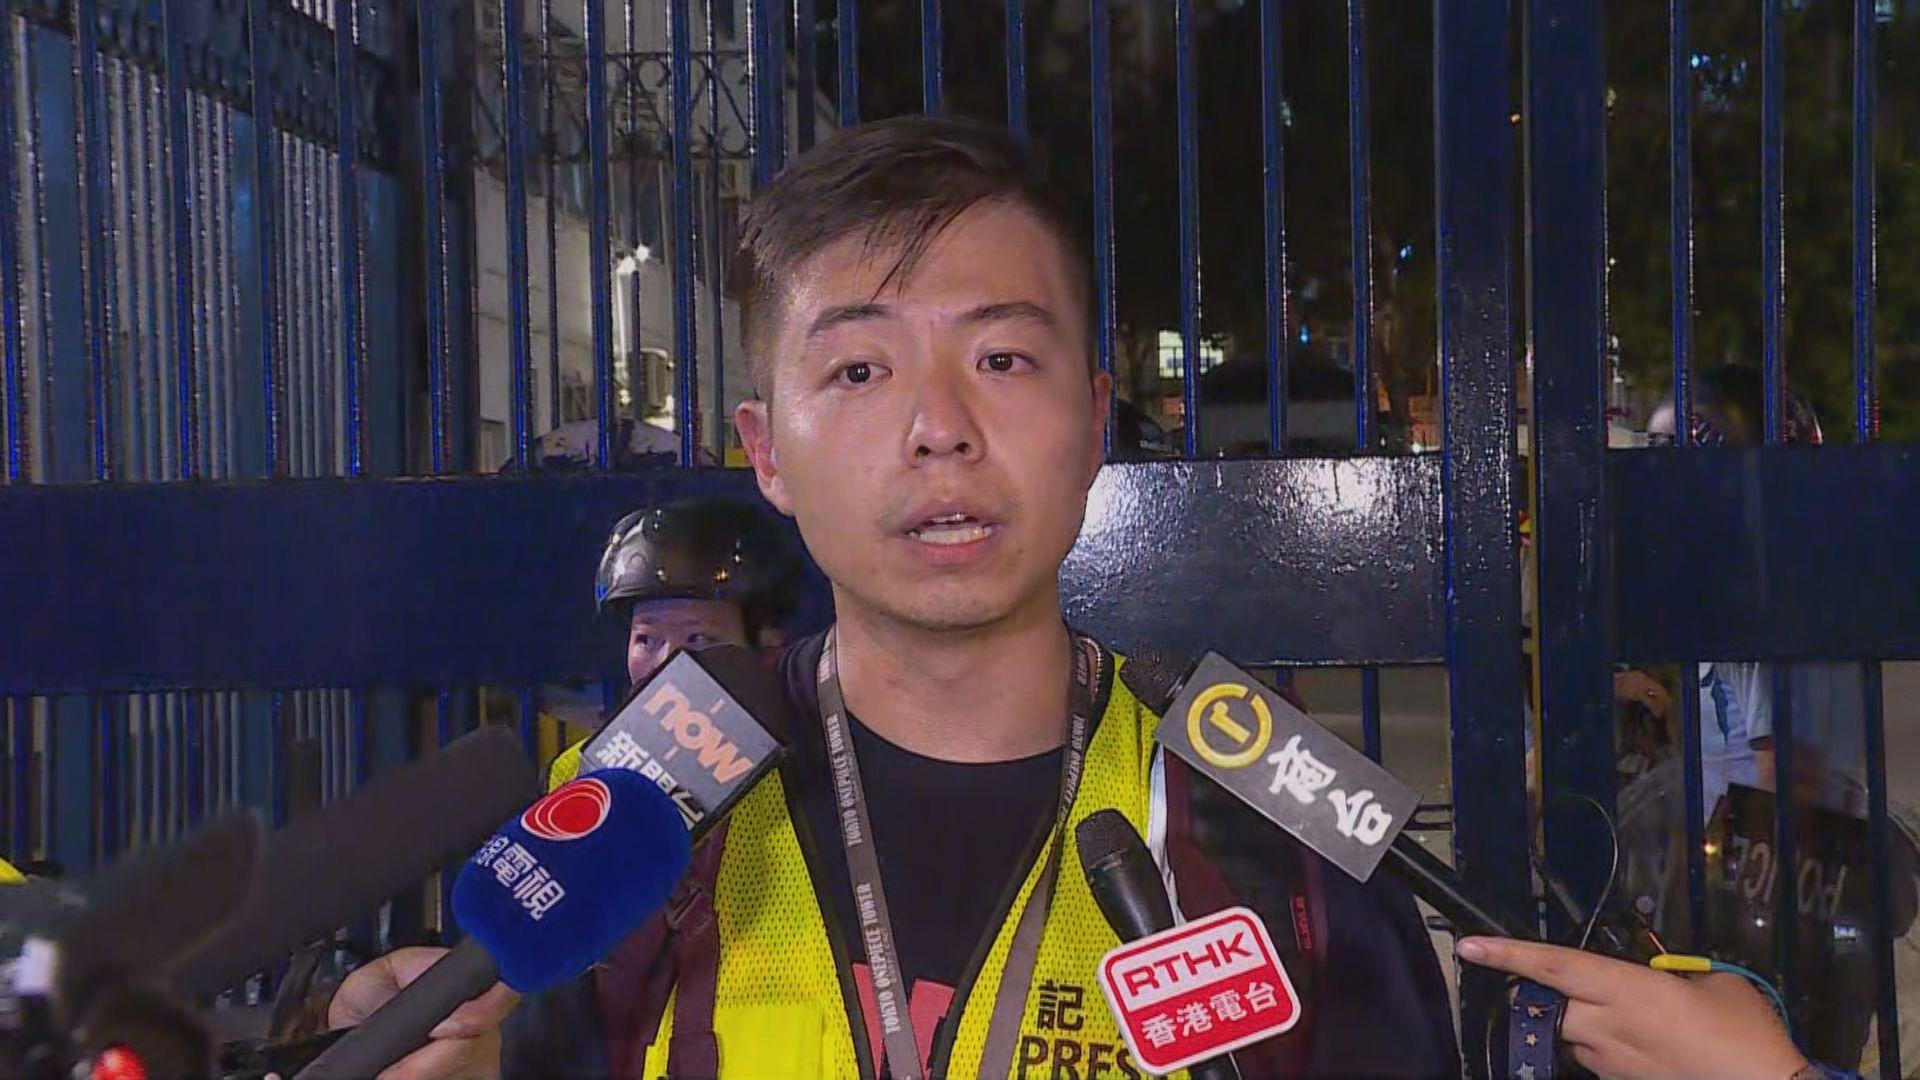 大公報記者採訪期間被指襲警一度被帶走